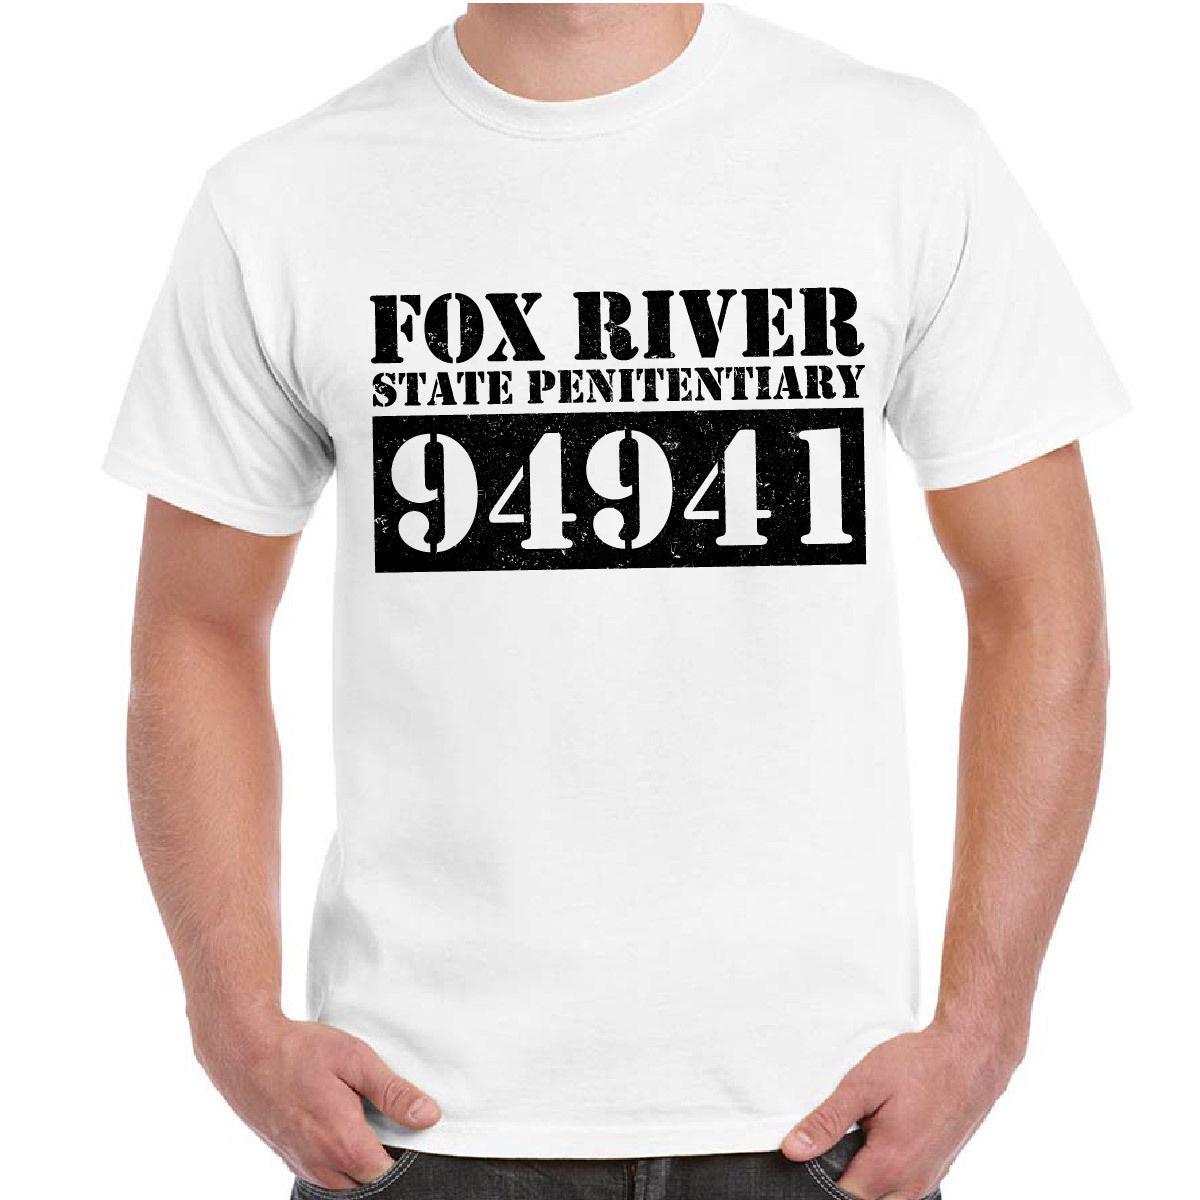 Estilo de moda Serie de TV Prison Break Maglietta Stampa Matricola Fox River, camisa de cuello redondo, camiseta de talla grande